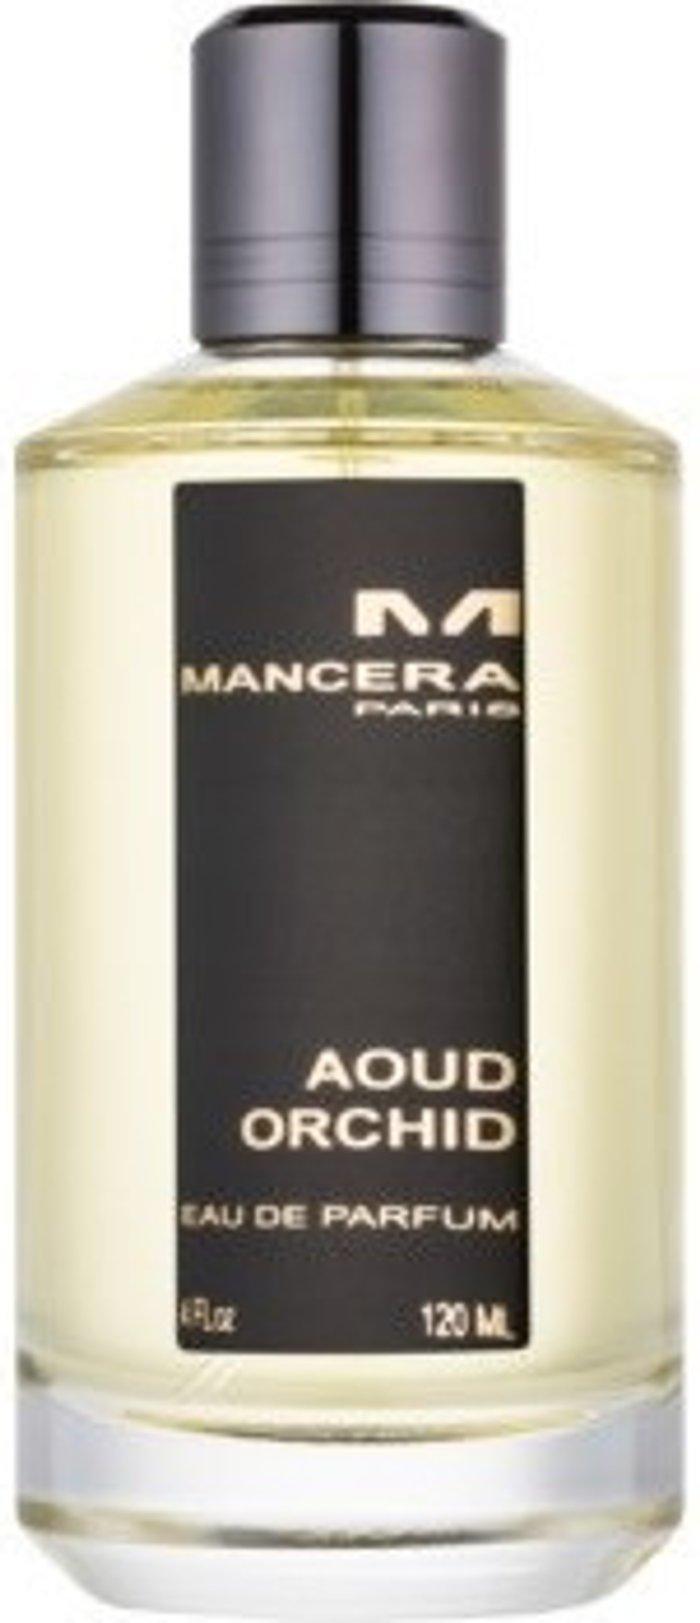 Mancera Mancera Aoud Orchid Eau de Parfum (120ml)